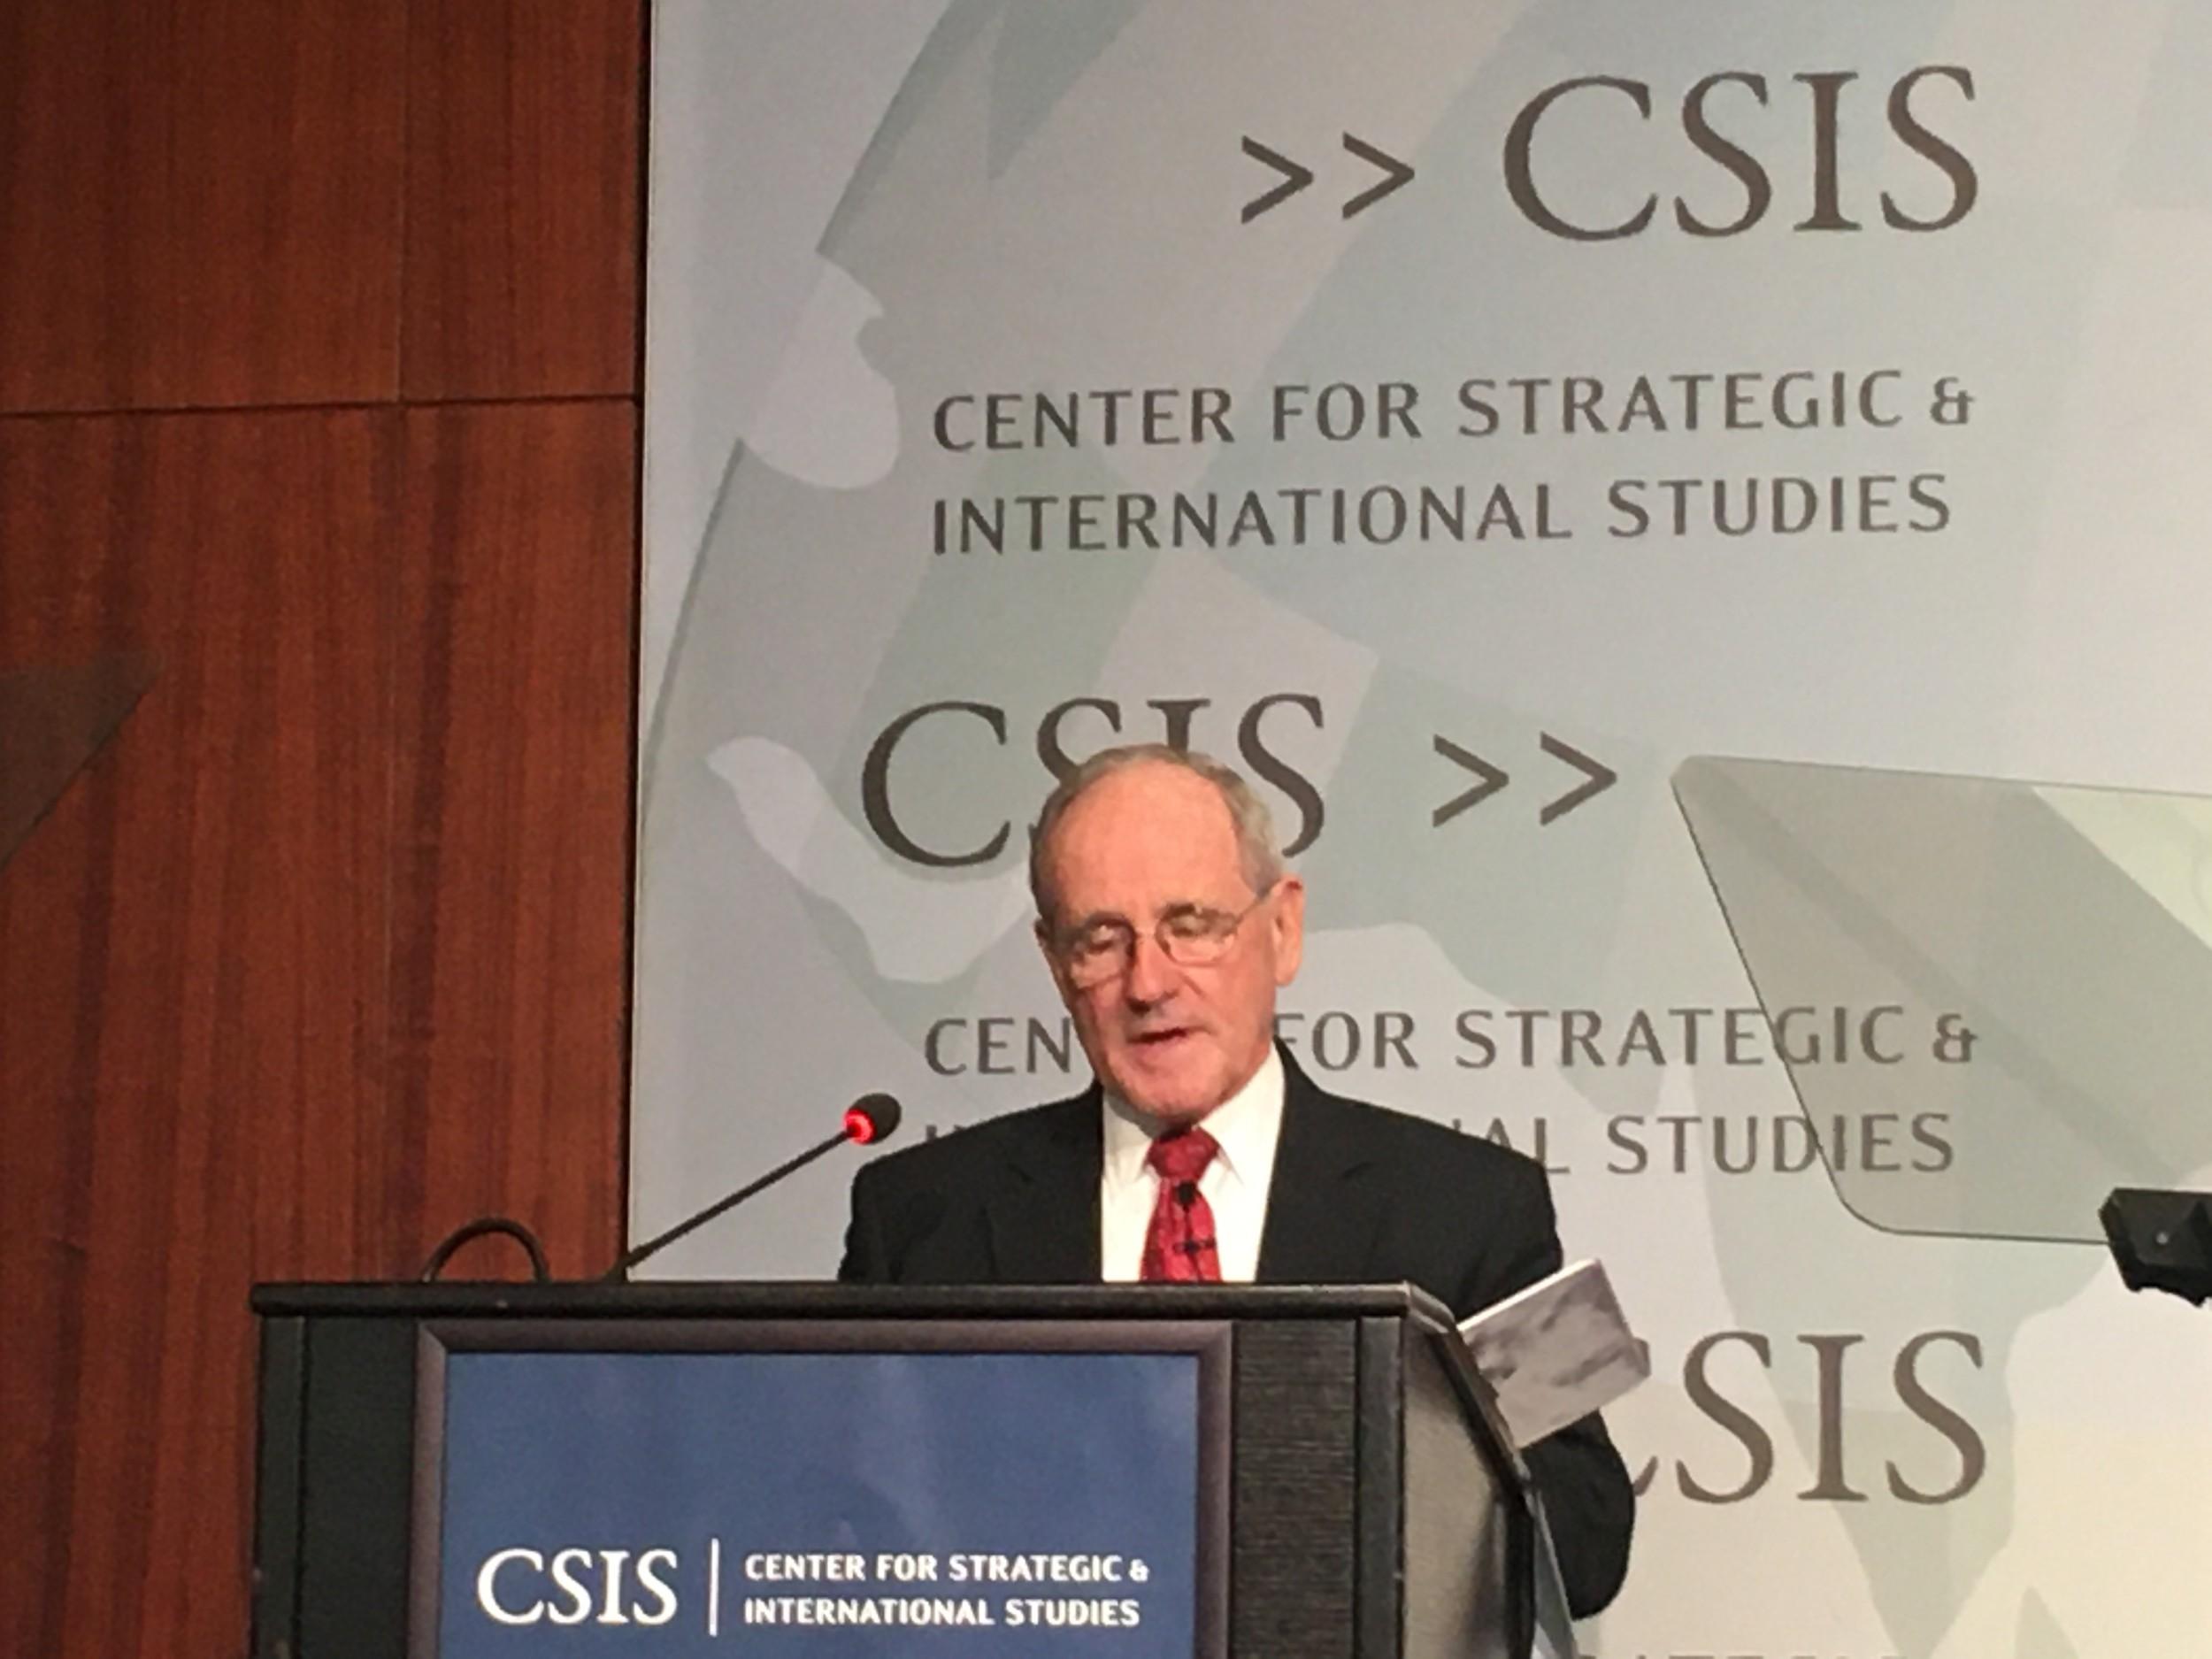 2019年11月12日,参议院外交关系委员会主席吉姆·里施(Jim Risch)在华盛顿战略和国际研究中心(CSIS)发表关于美欧双方共同应对中国挑战的演说。(薛小山摄影)